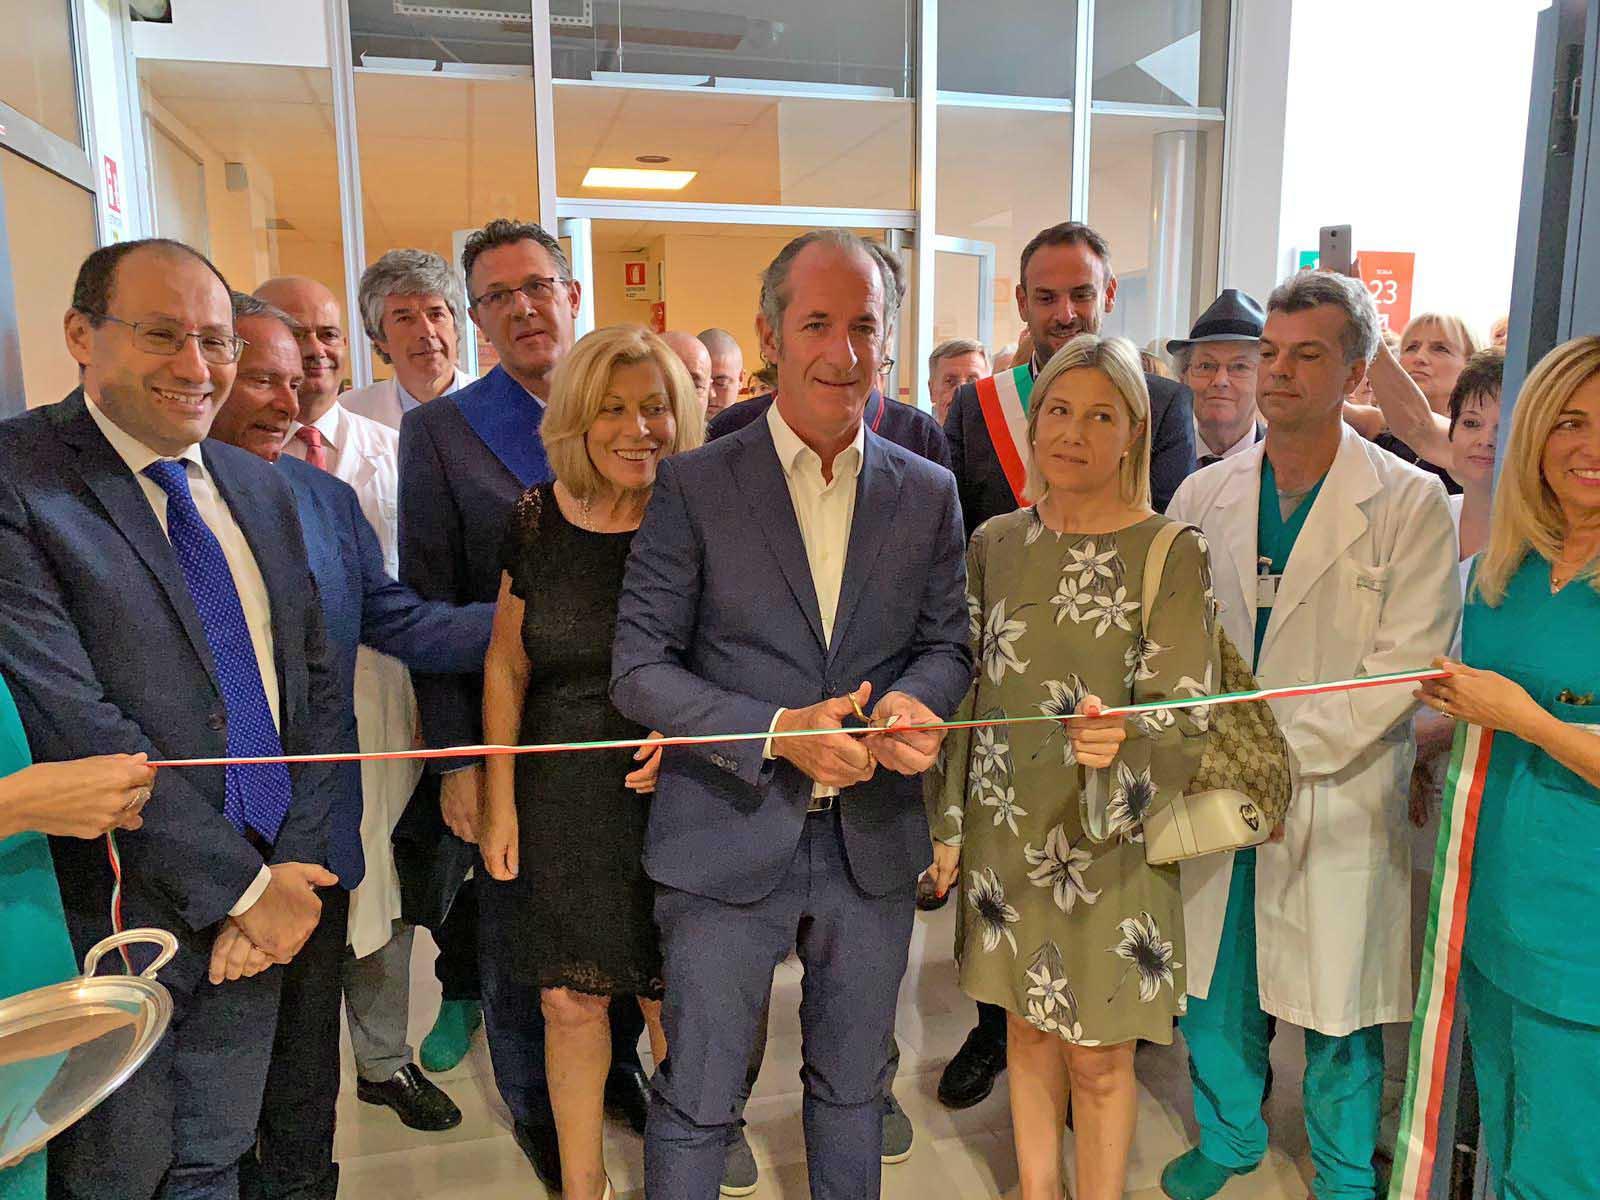 Inaugurato A Treviso Il Centro Per L Incontinenza E Le Stomie Il Nordest Quotidiano